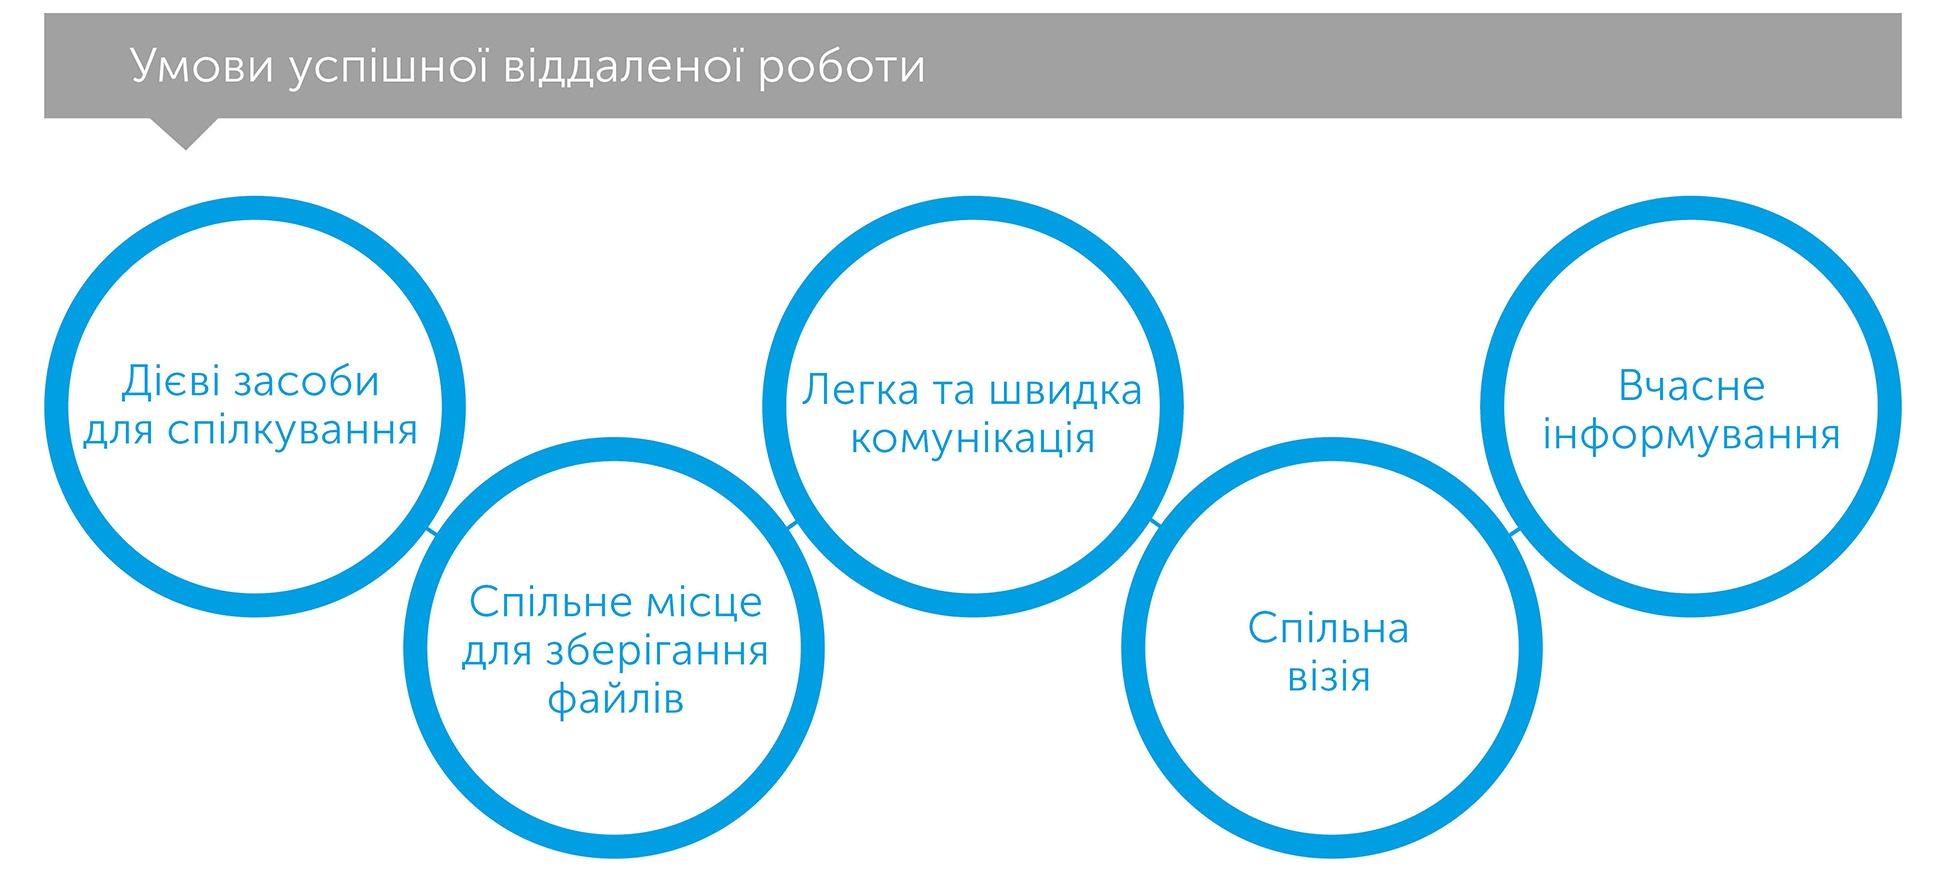 Разом і де завгодно. Інструкція з успішної віддаленої роботи для працівників, керівників і команд, автор Лізетт Сазерленд | Kyivstar Business Hub, зображення №2